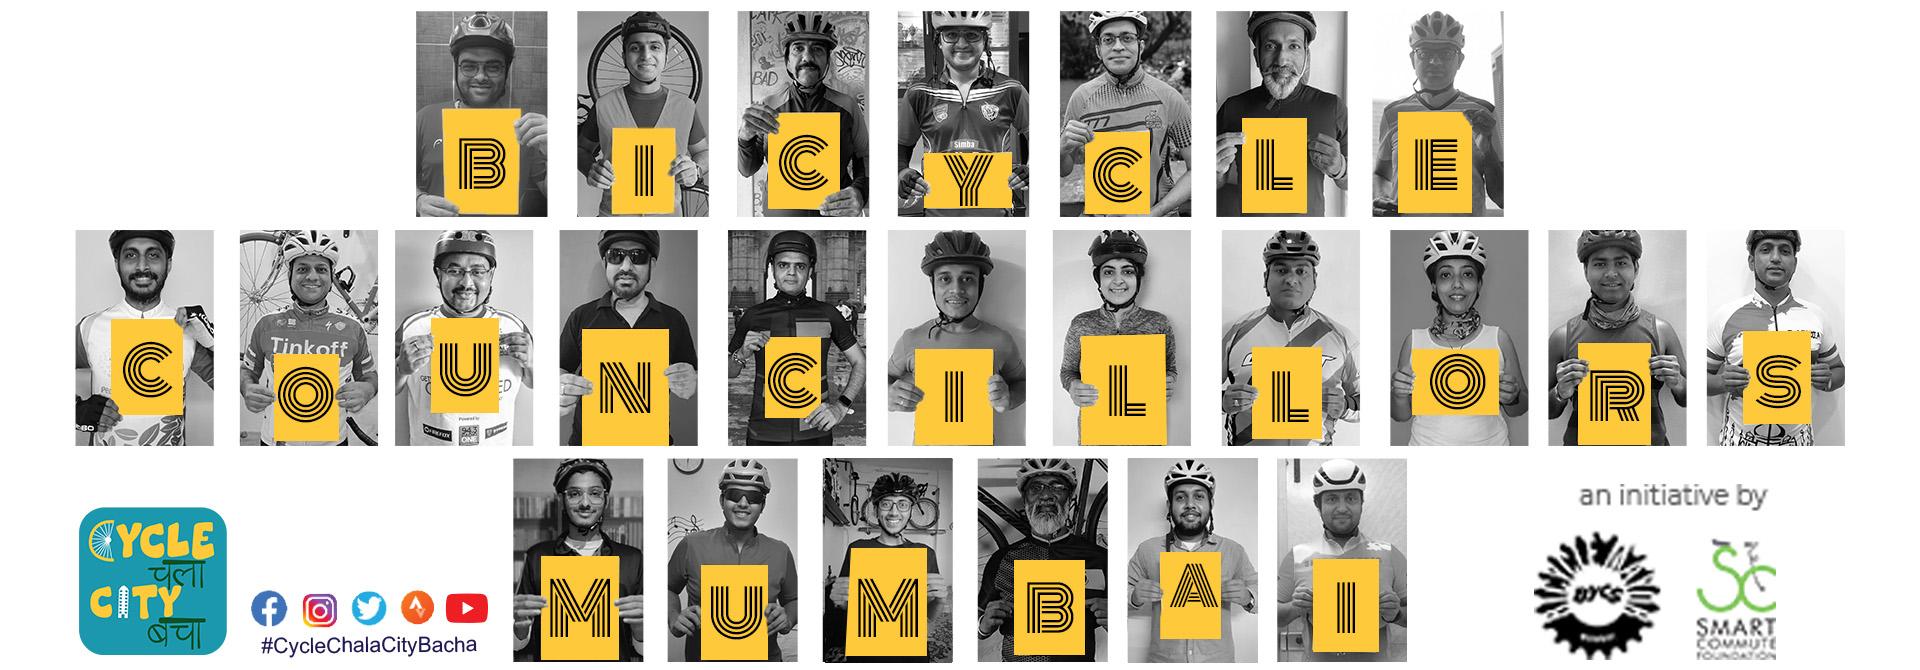 Cycle Chala City Bacha Councilors